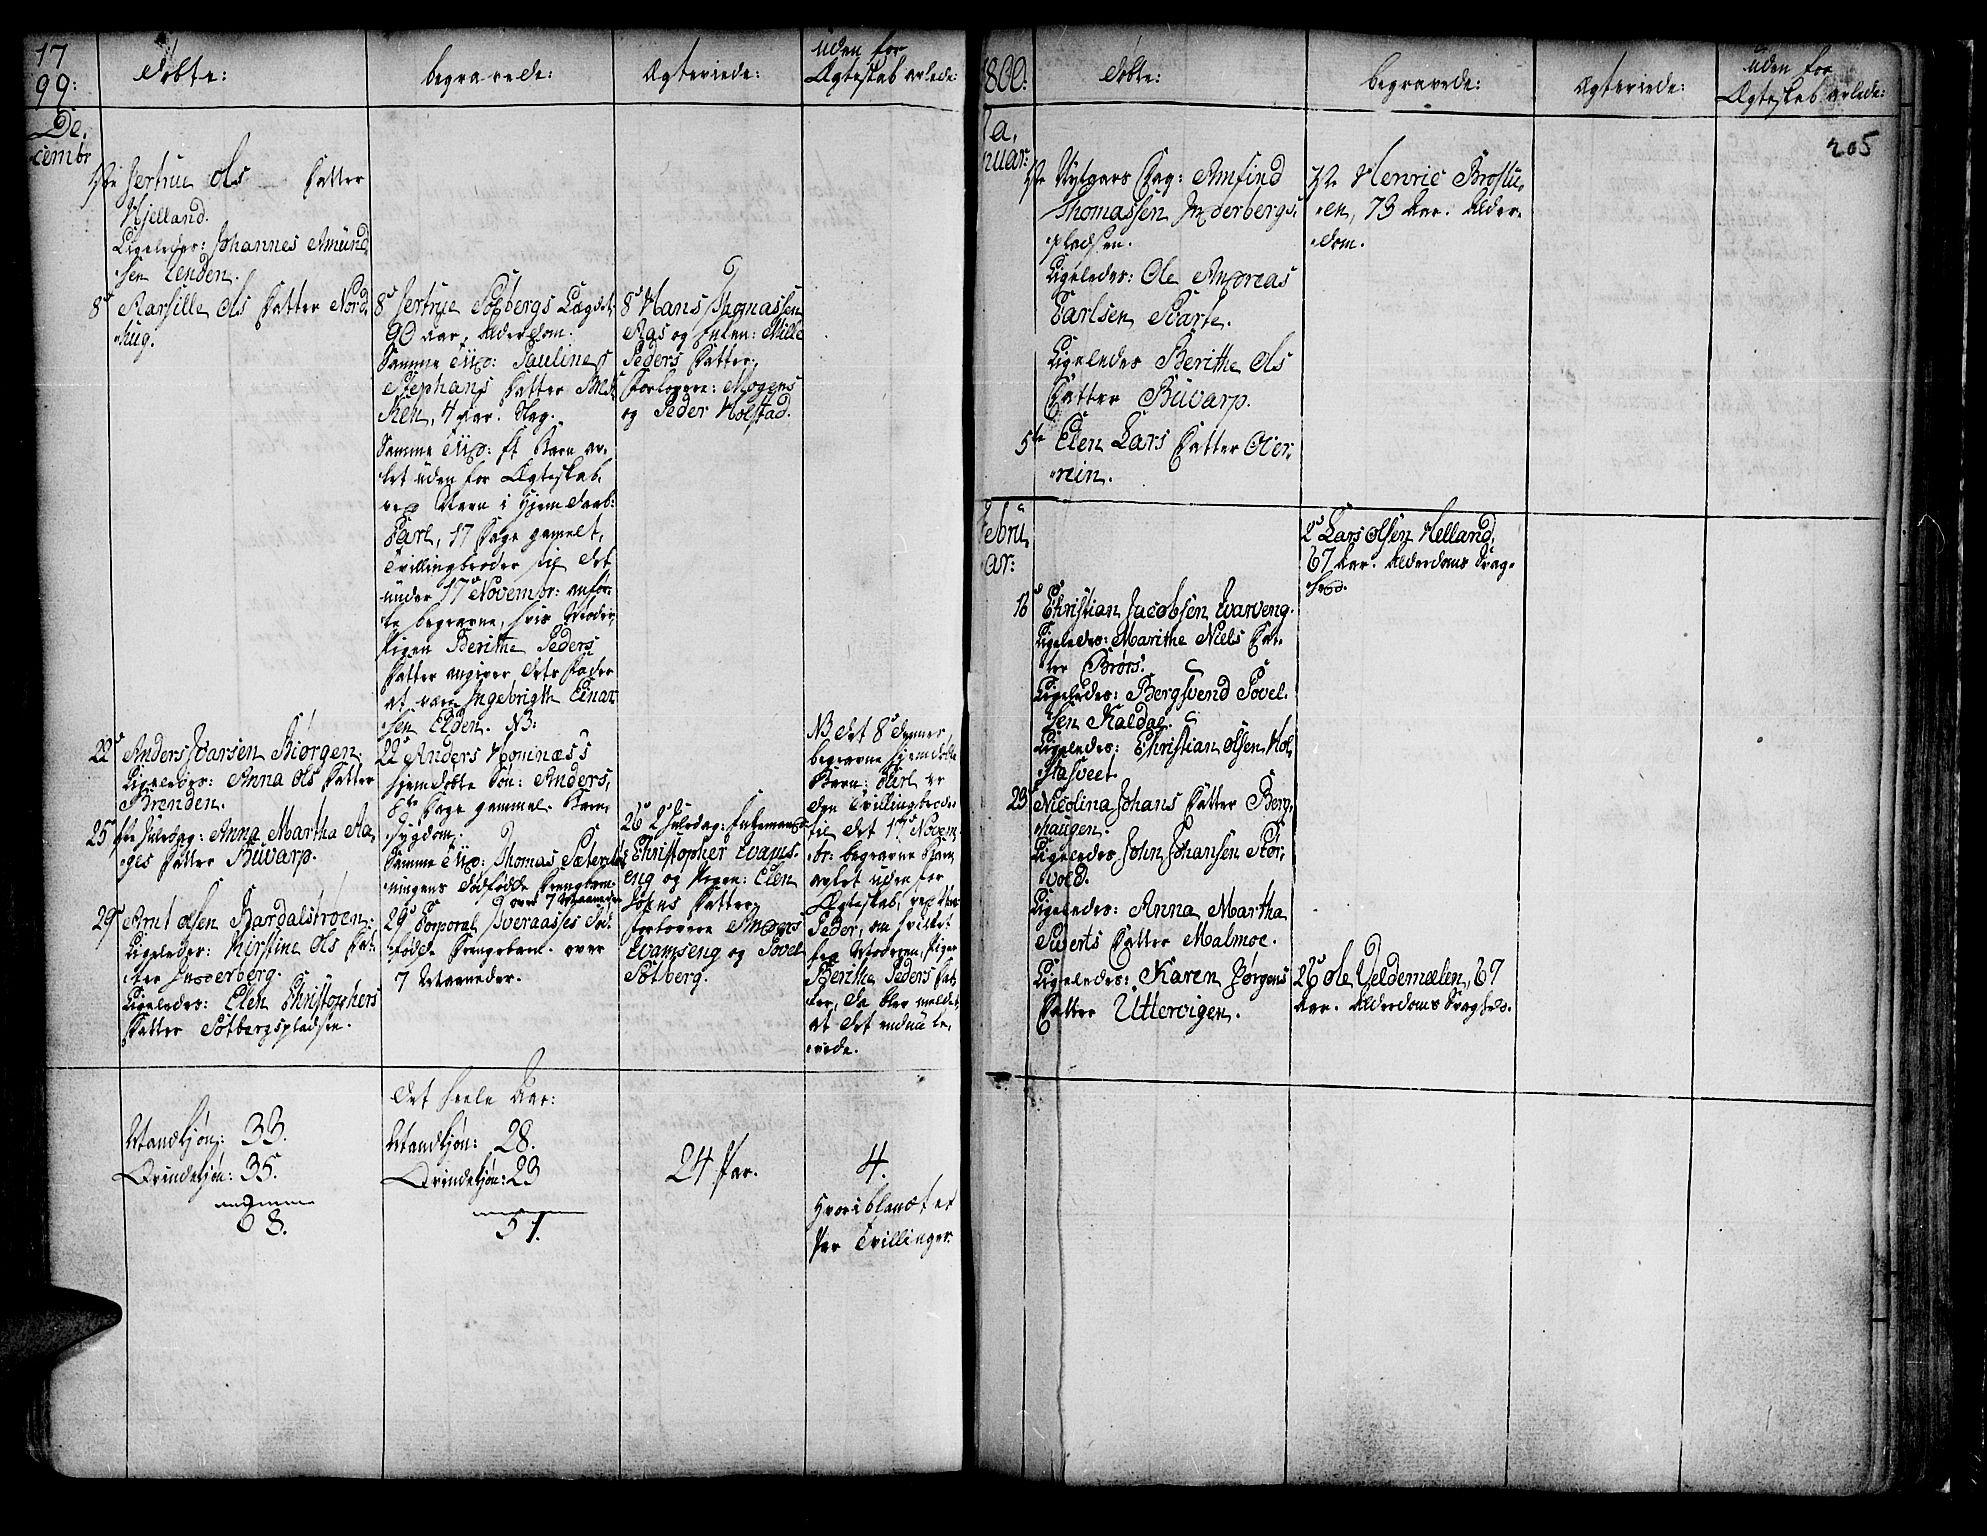 SAT, Ministerialprotokoller, klokkerbøker og fødselsregistre - Nord-Trøndelag, 741/L0385: Ministerialbok nr. 741A01, 1722-1815, s. 205